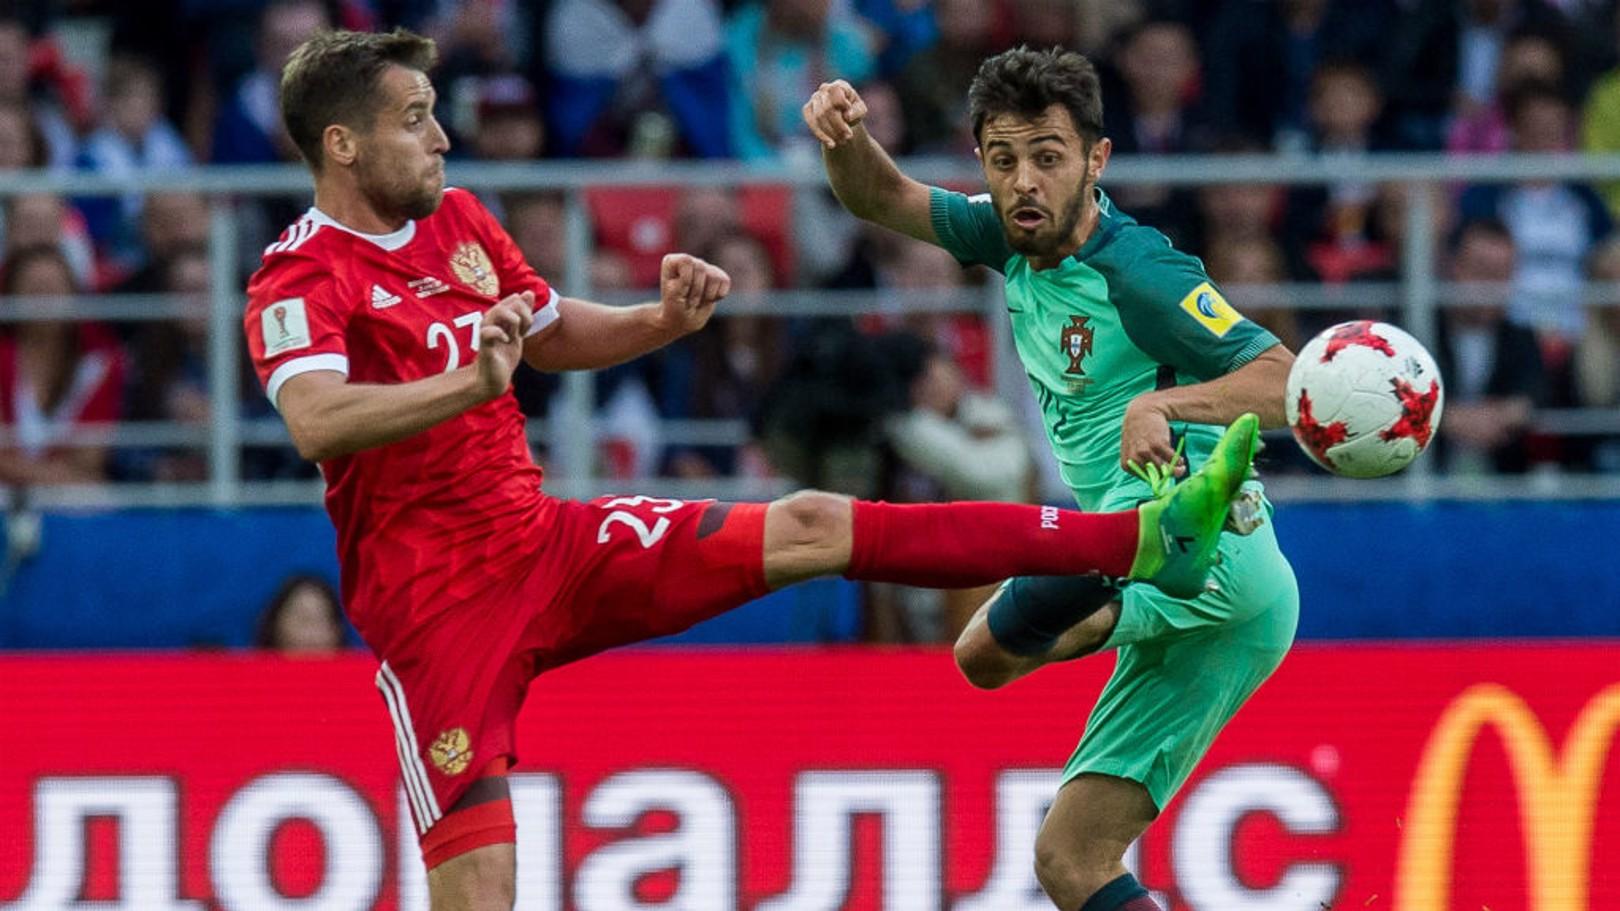 BERNARDO SILVA. El futuro jugador del City plasmó una sensacional actuación ante Rusia.